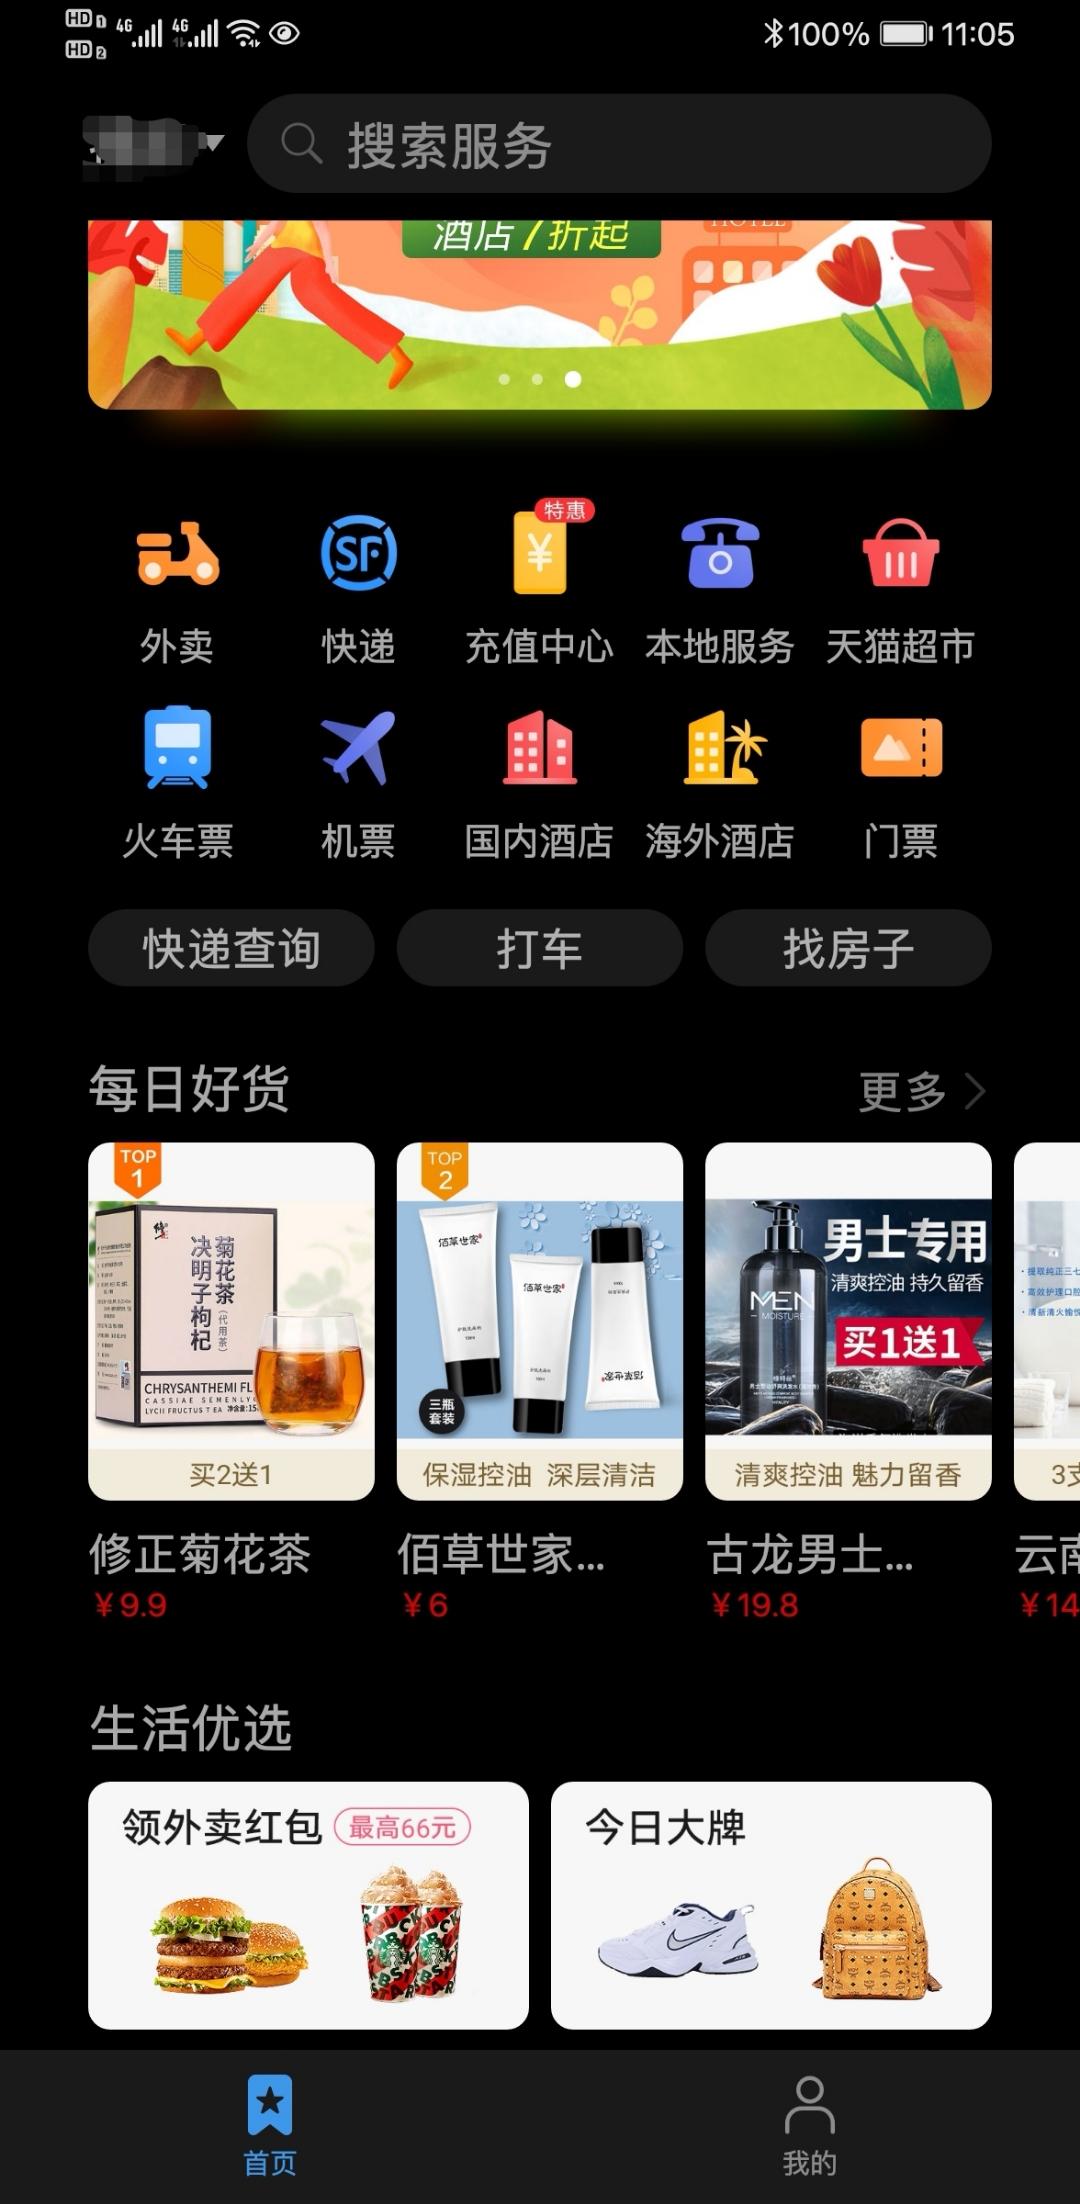 Screenshot_20200518_085546.jpg